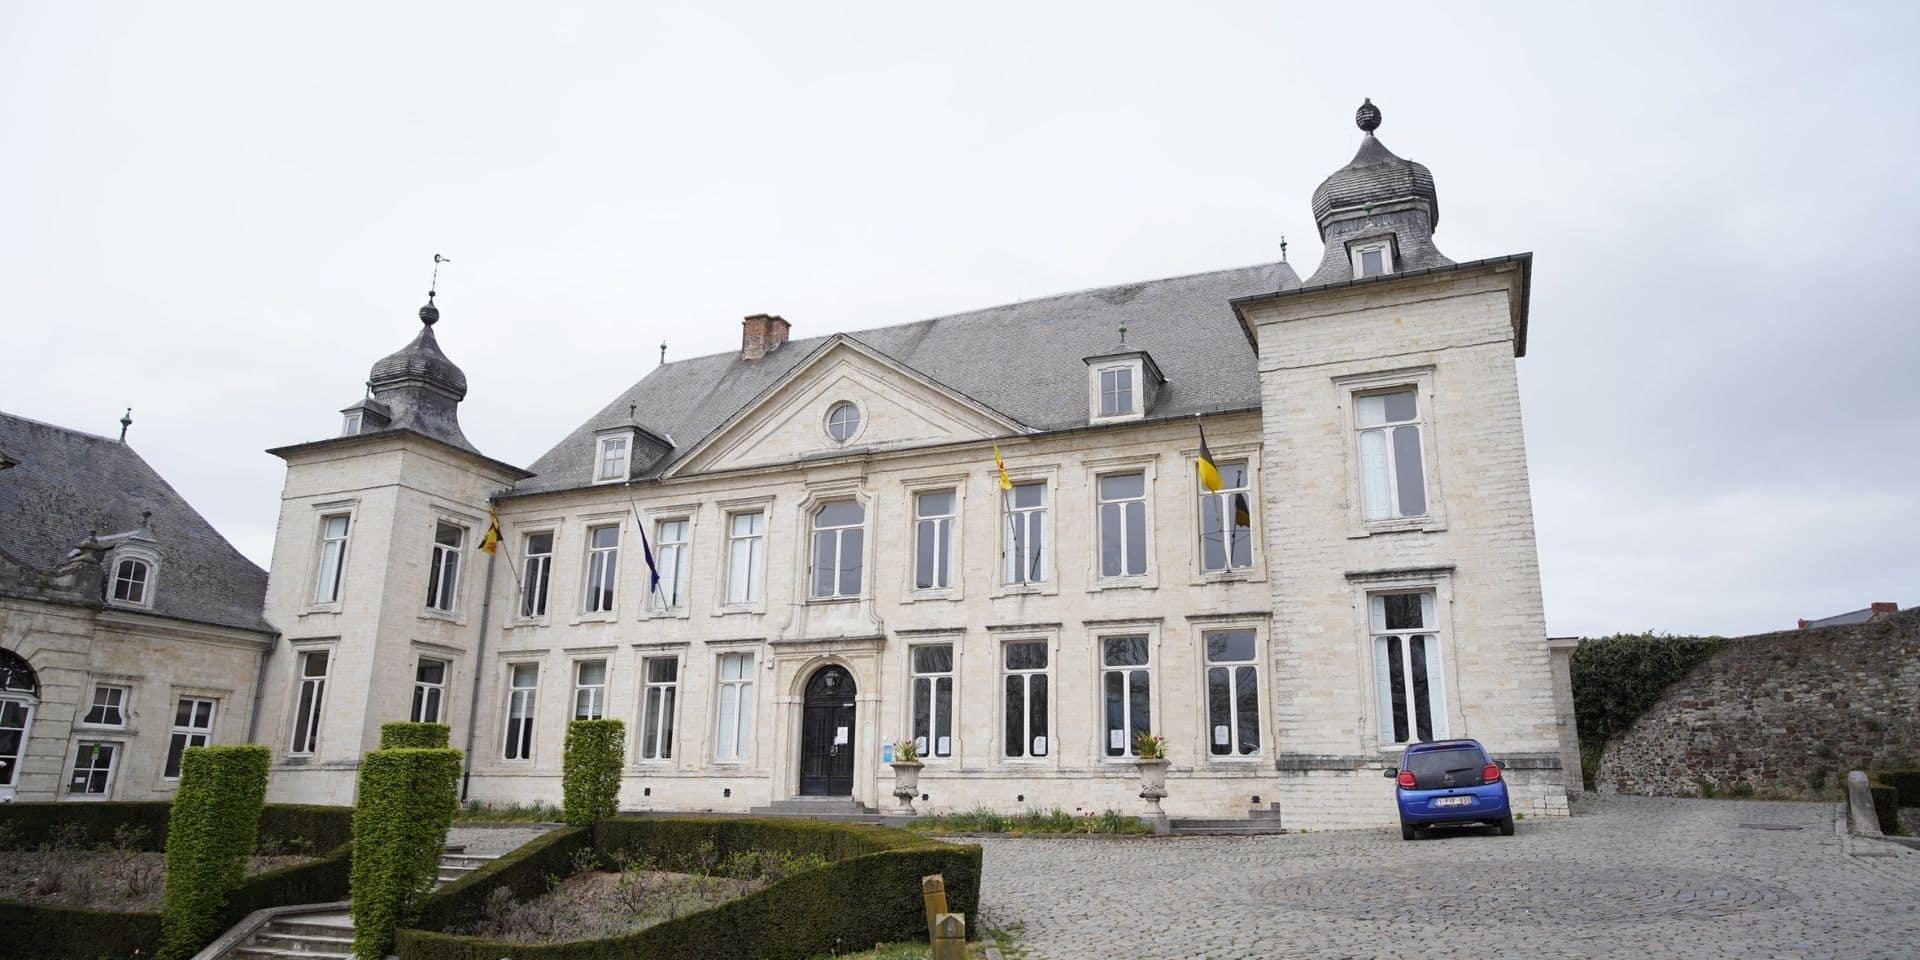 La Ville de Jodoigne vous offre 6.000 euros pour ouvrir un commerce dans une cellule vide